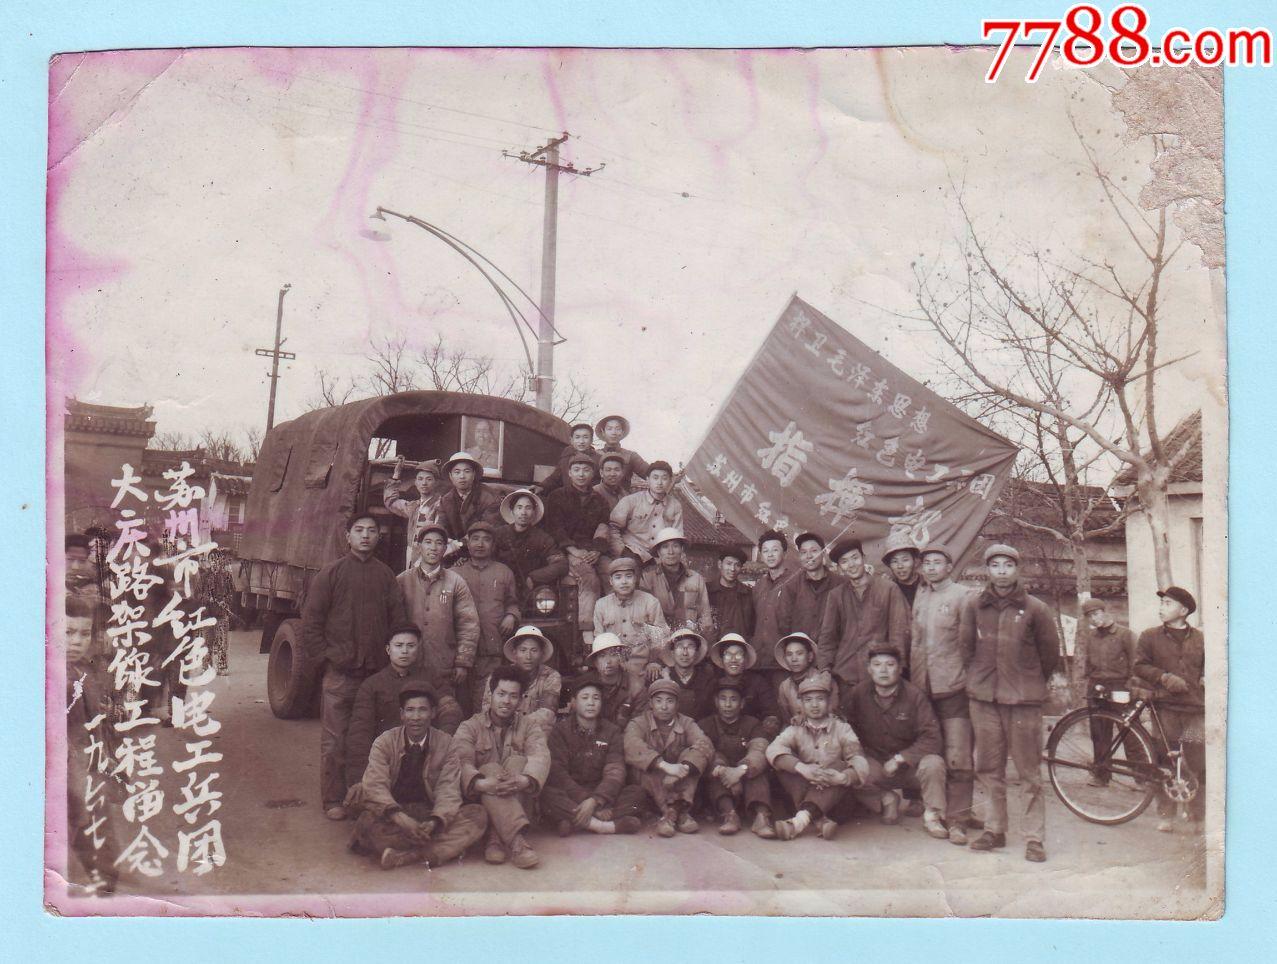 1967年3月苏州市红色电工兵团大庆路架线工程留念合影,黑?#33258;?#29031;,文革气息浓郁(au20873108)_